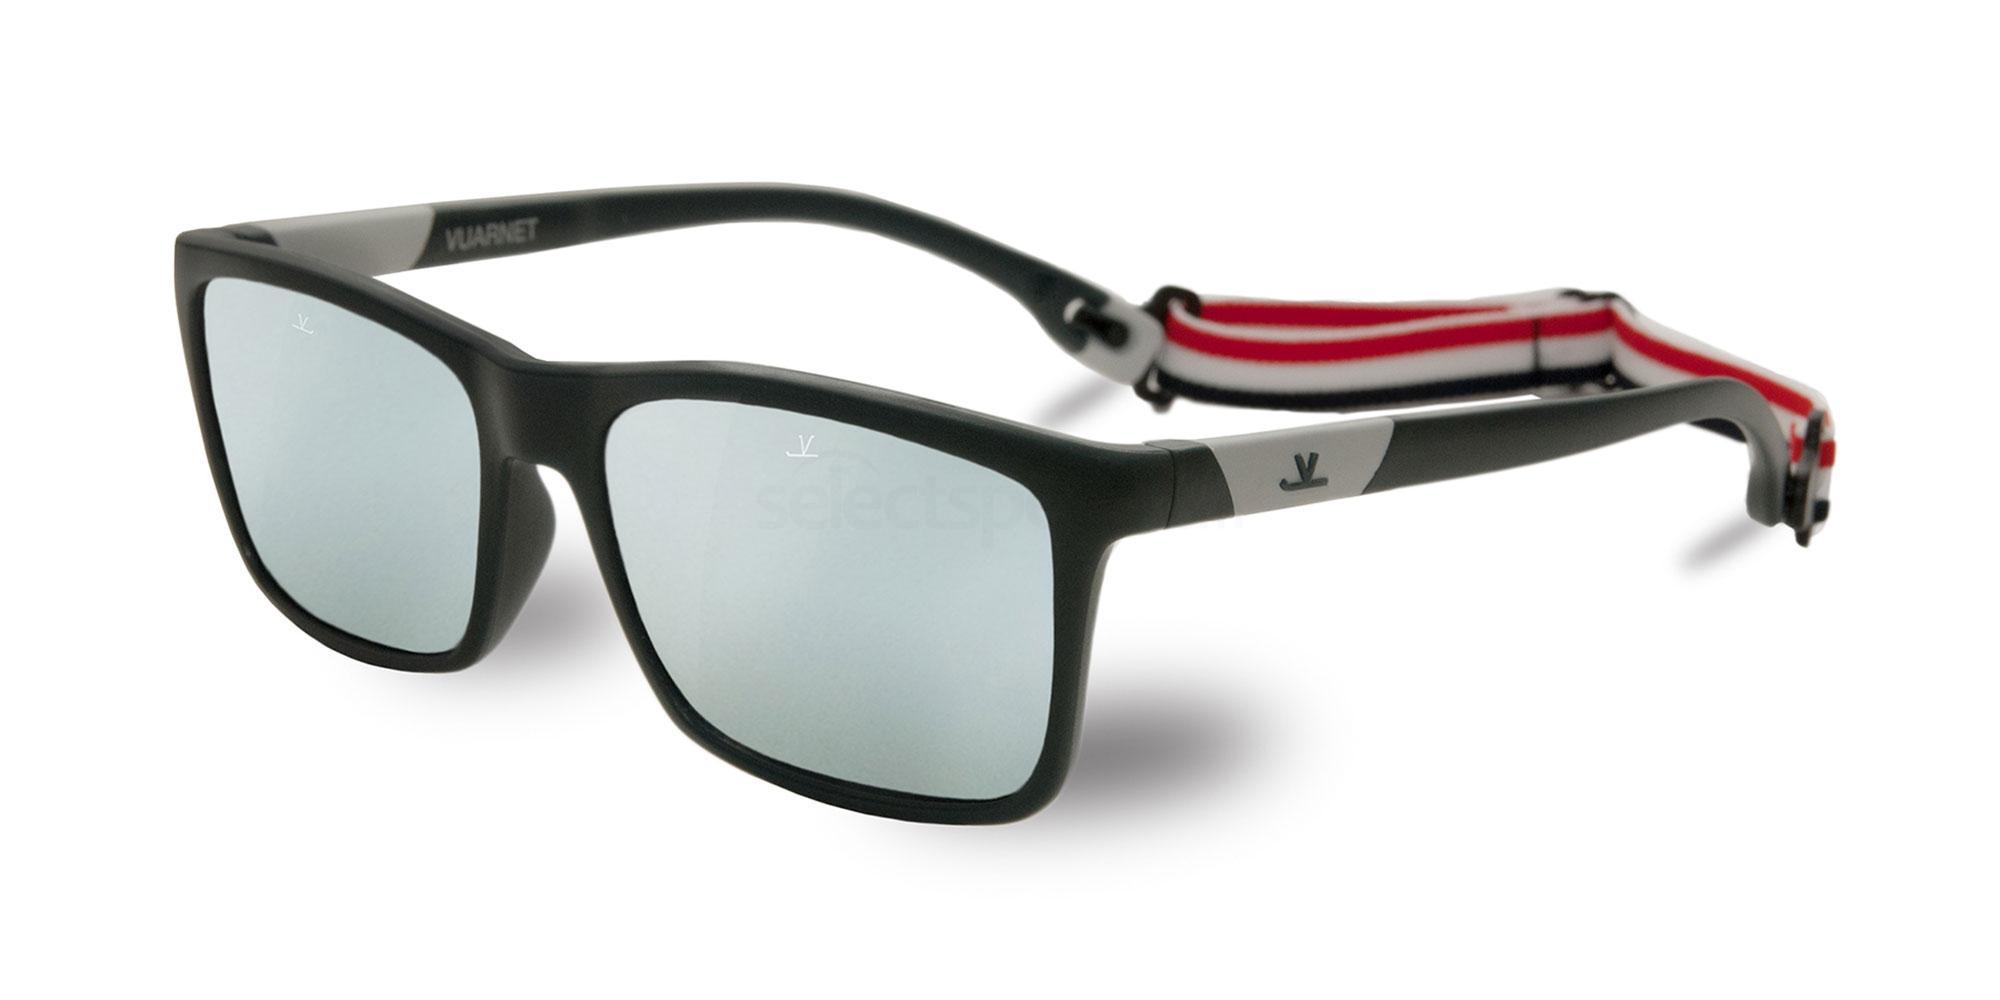 VL170500021223 VL1705 (6-12 yesrs) Sunglasses, Vuarnet KIDS